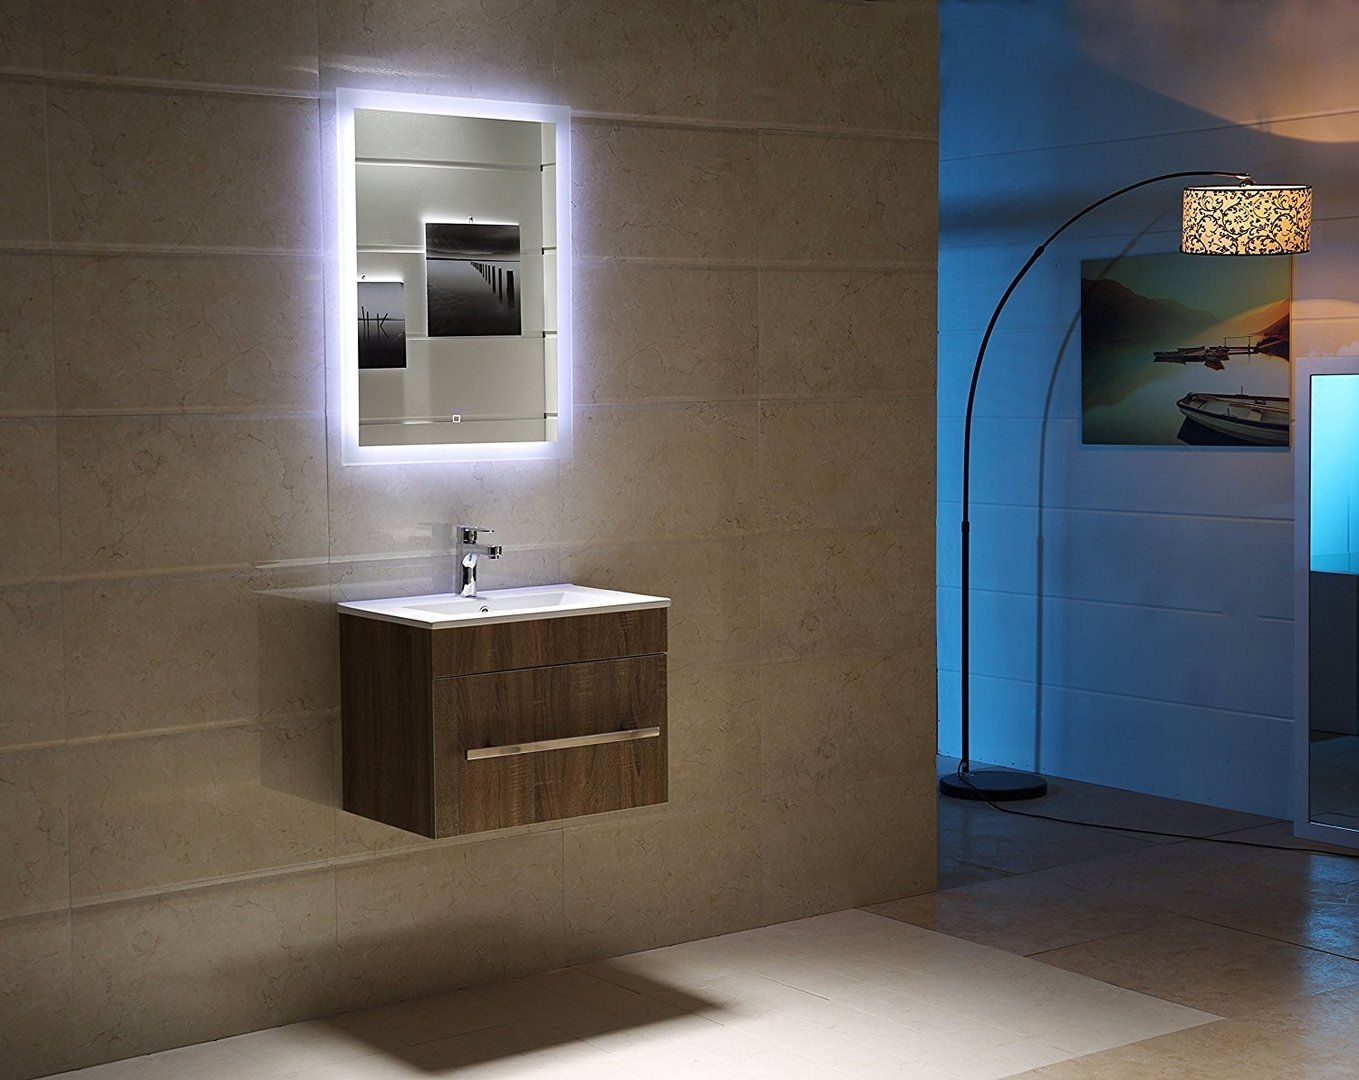 Led Lichtspiegel Padova Mit Touch Schalter Badezimmer Badspiegel Inneneinrichtung Bathroom Lichtspiegel Badezimmerspiegel Badezimmerspiegel Beleuchtung